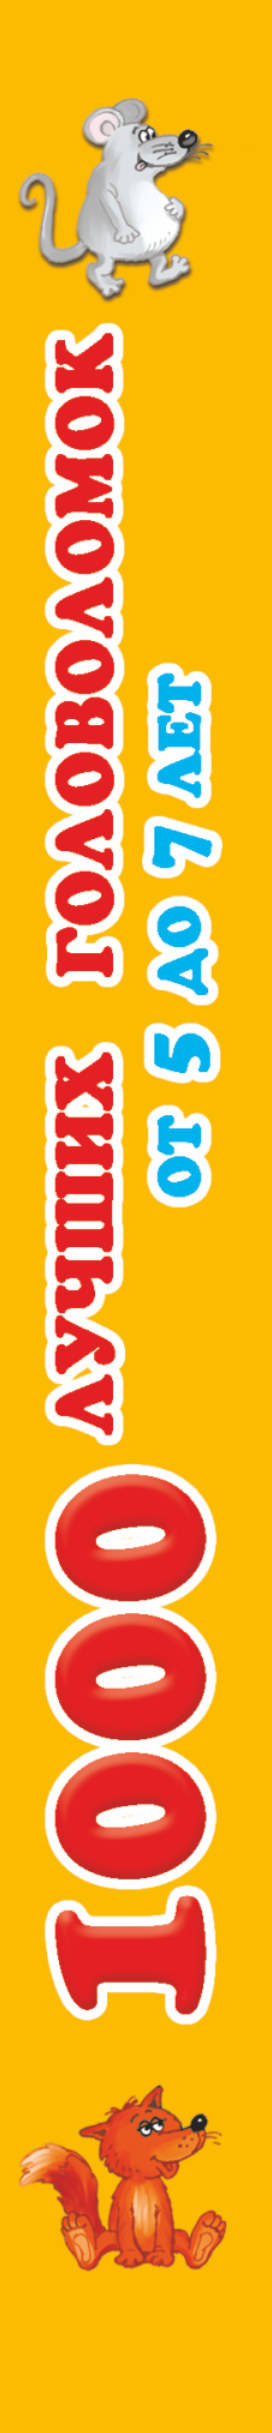 Книга 1000 лучших головоломок от 5 до 7 лет. Валентина Дмитриева